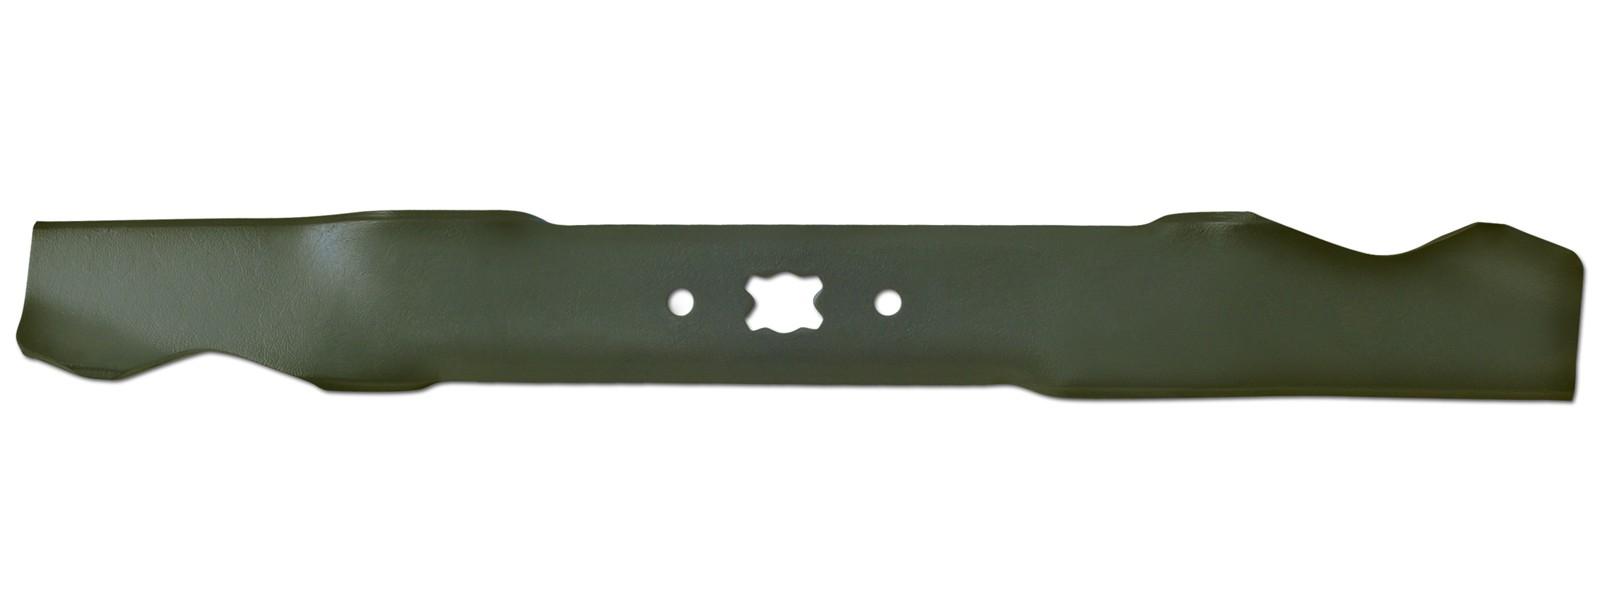 MTD Ersatzmesser für Rasenmäher MTD Mulch SB 48cm Bild 1